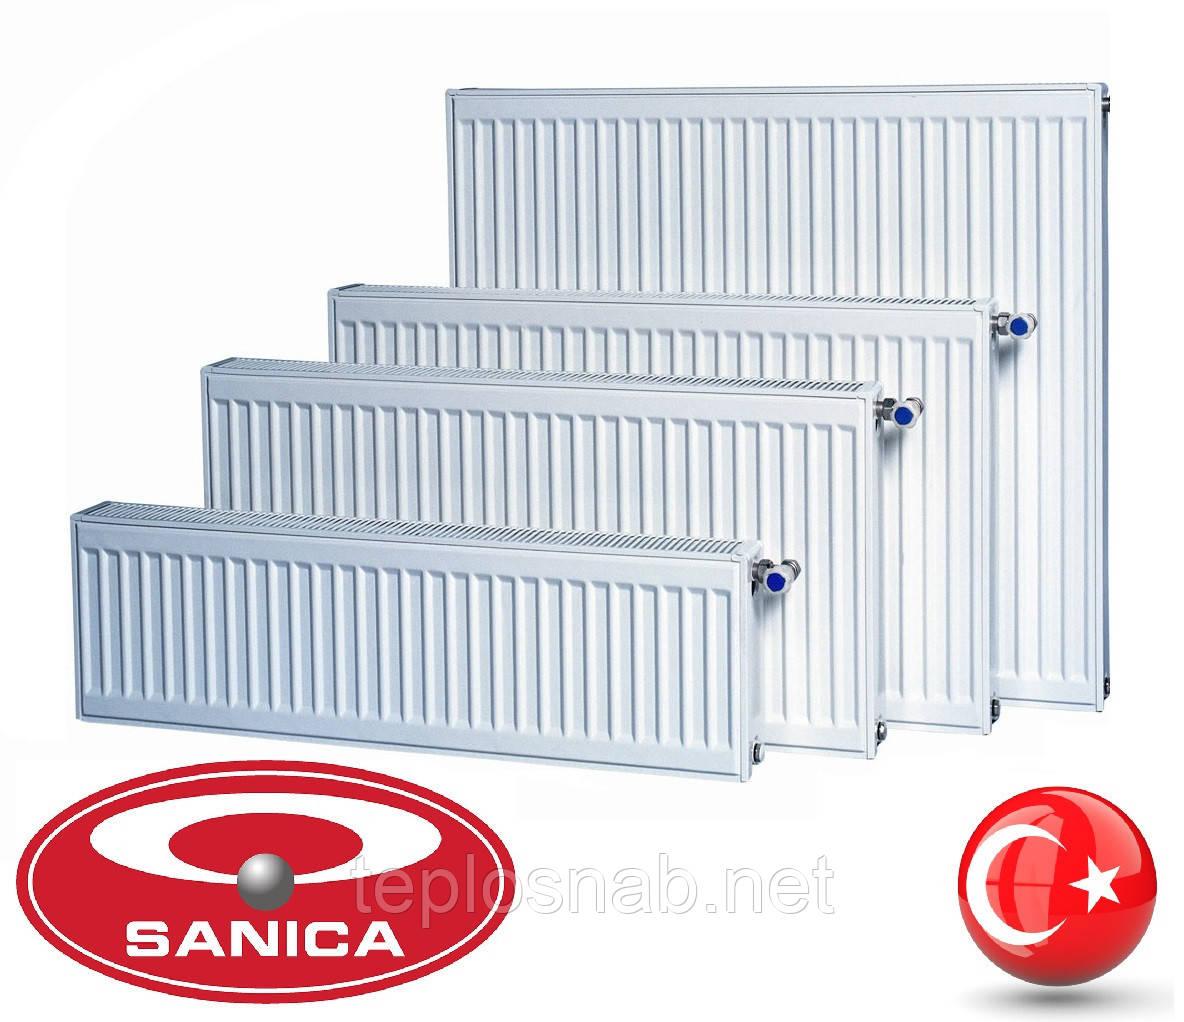 Стальной радиатор Sanica 22 тип (500 х 700 мм) / 1350 Вт